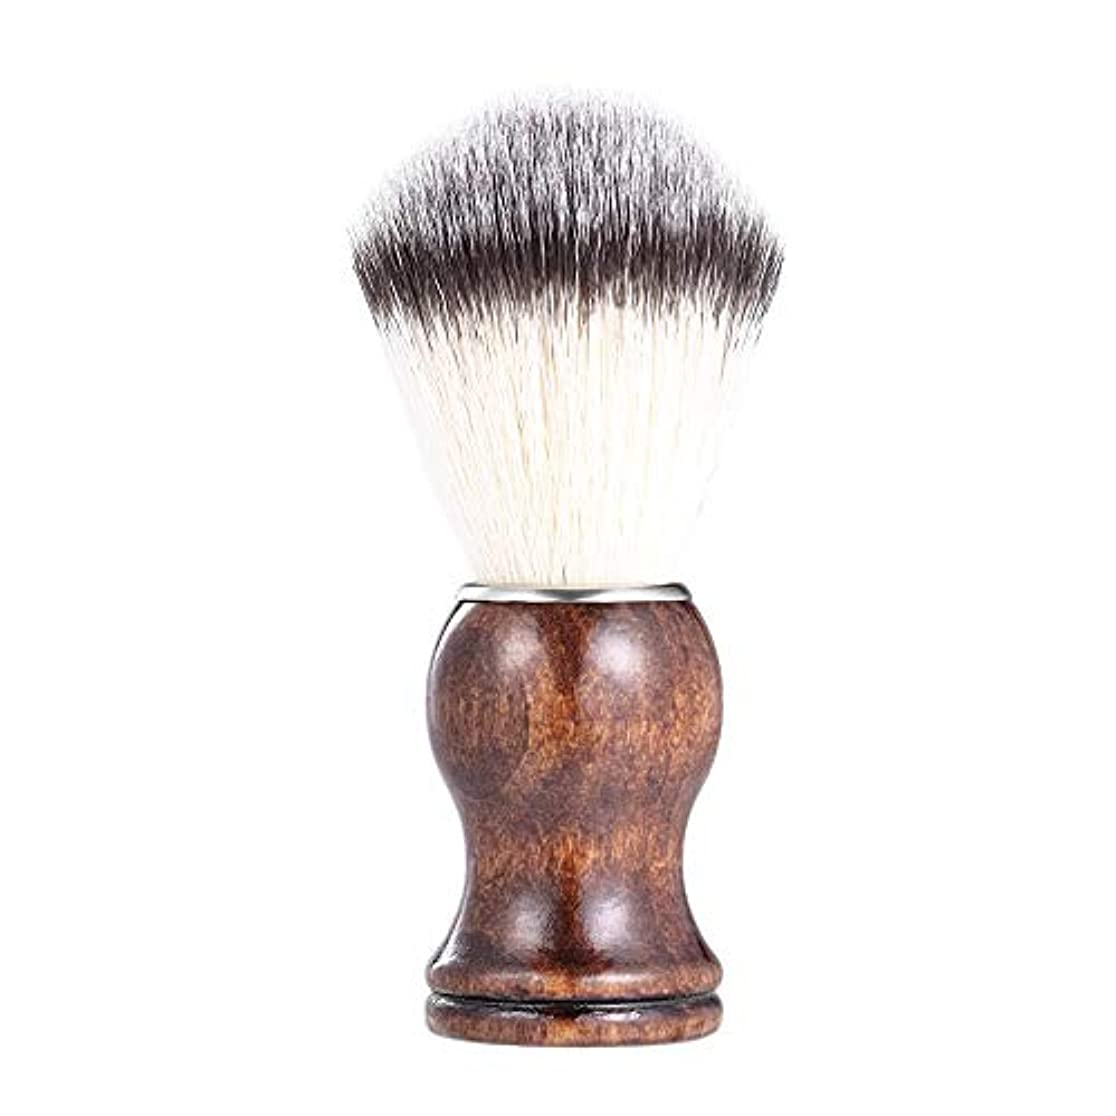 独立して砂利腐敗したあごひげケア 美容ツール メンズ用 髭剃り ブラシ シェービングブラシ 木製ハンドル 男性 ギフト理容 洗顔 髭剃り